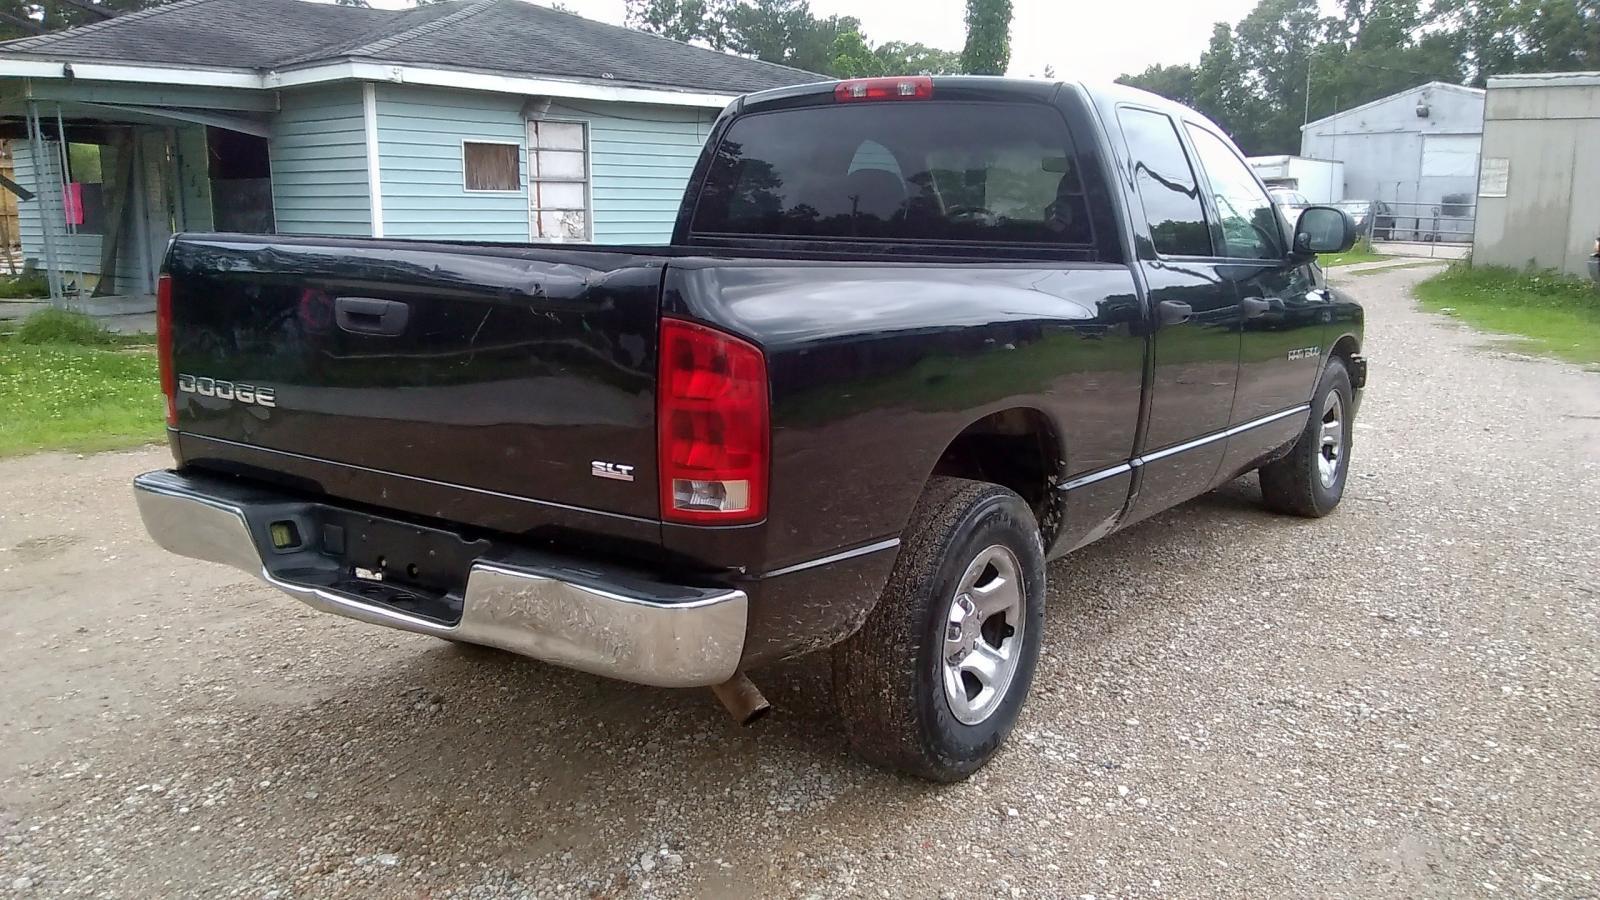 1D7HA18N835231622 - 2003 Dodge Ram 1500 S 4.7L rear view